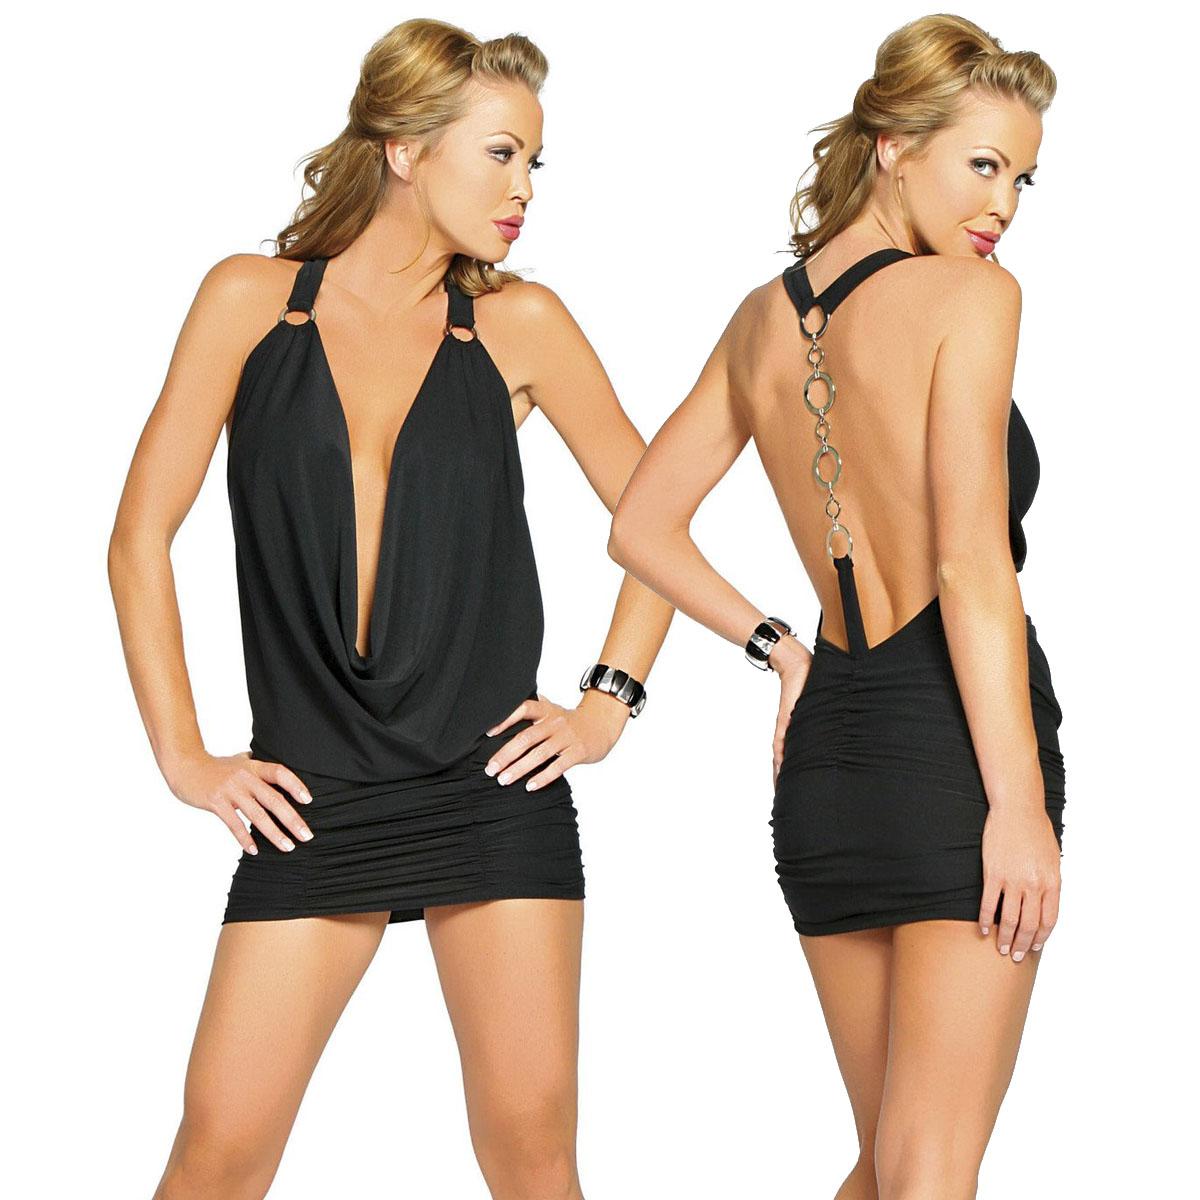 海外ブランド ROMA ローマ レディース レディース ミニ ドレス ワンピース衣装 バックOリングチェーン ドレープネック パーティー キャバドレス